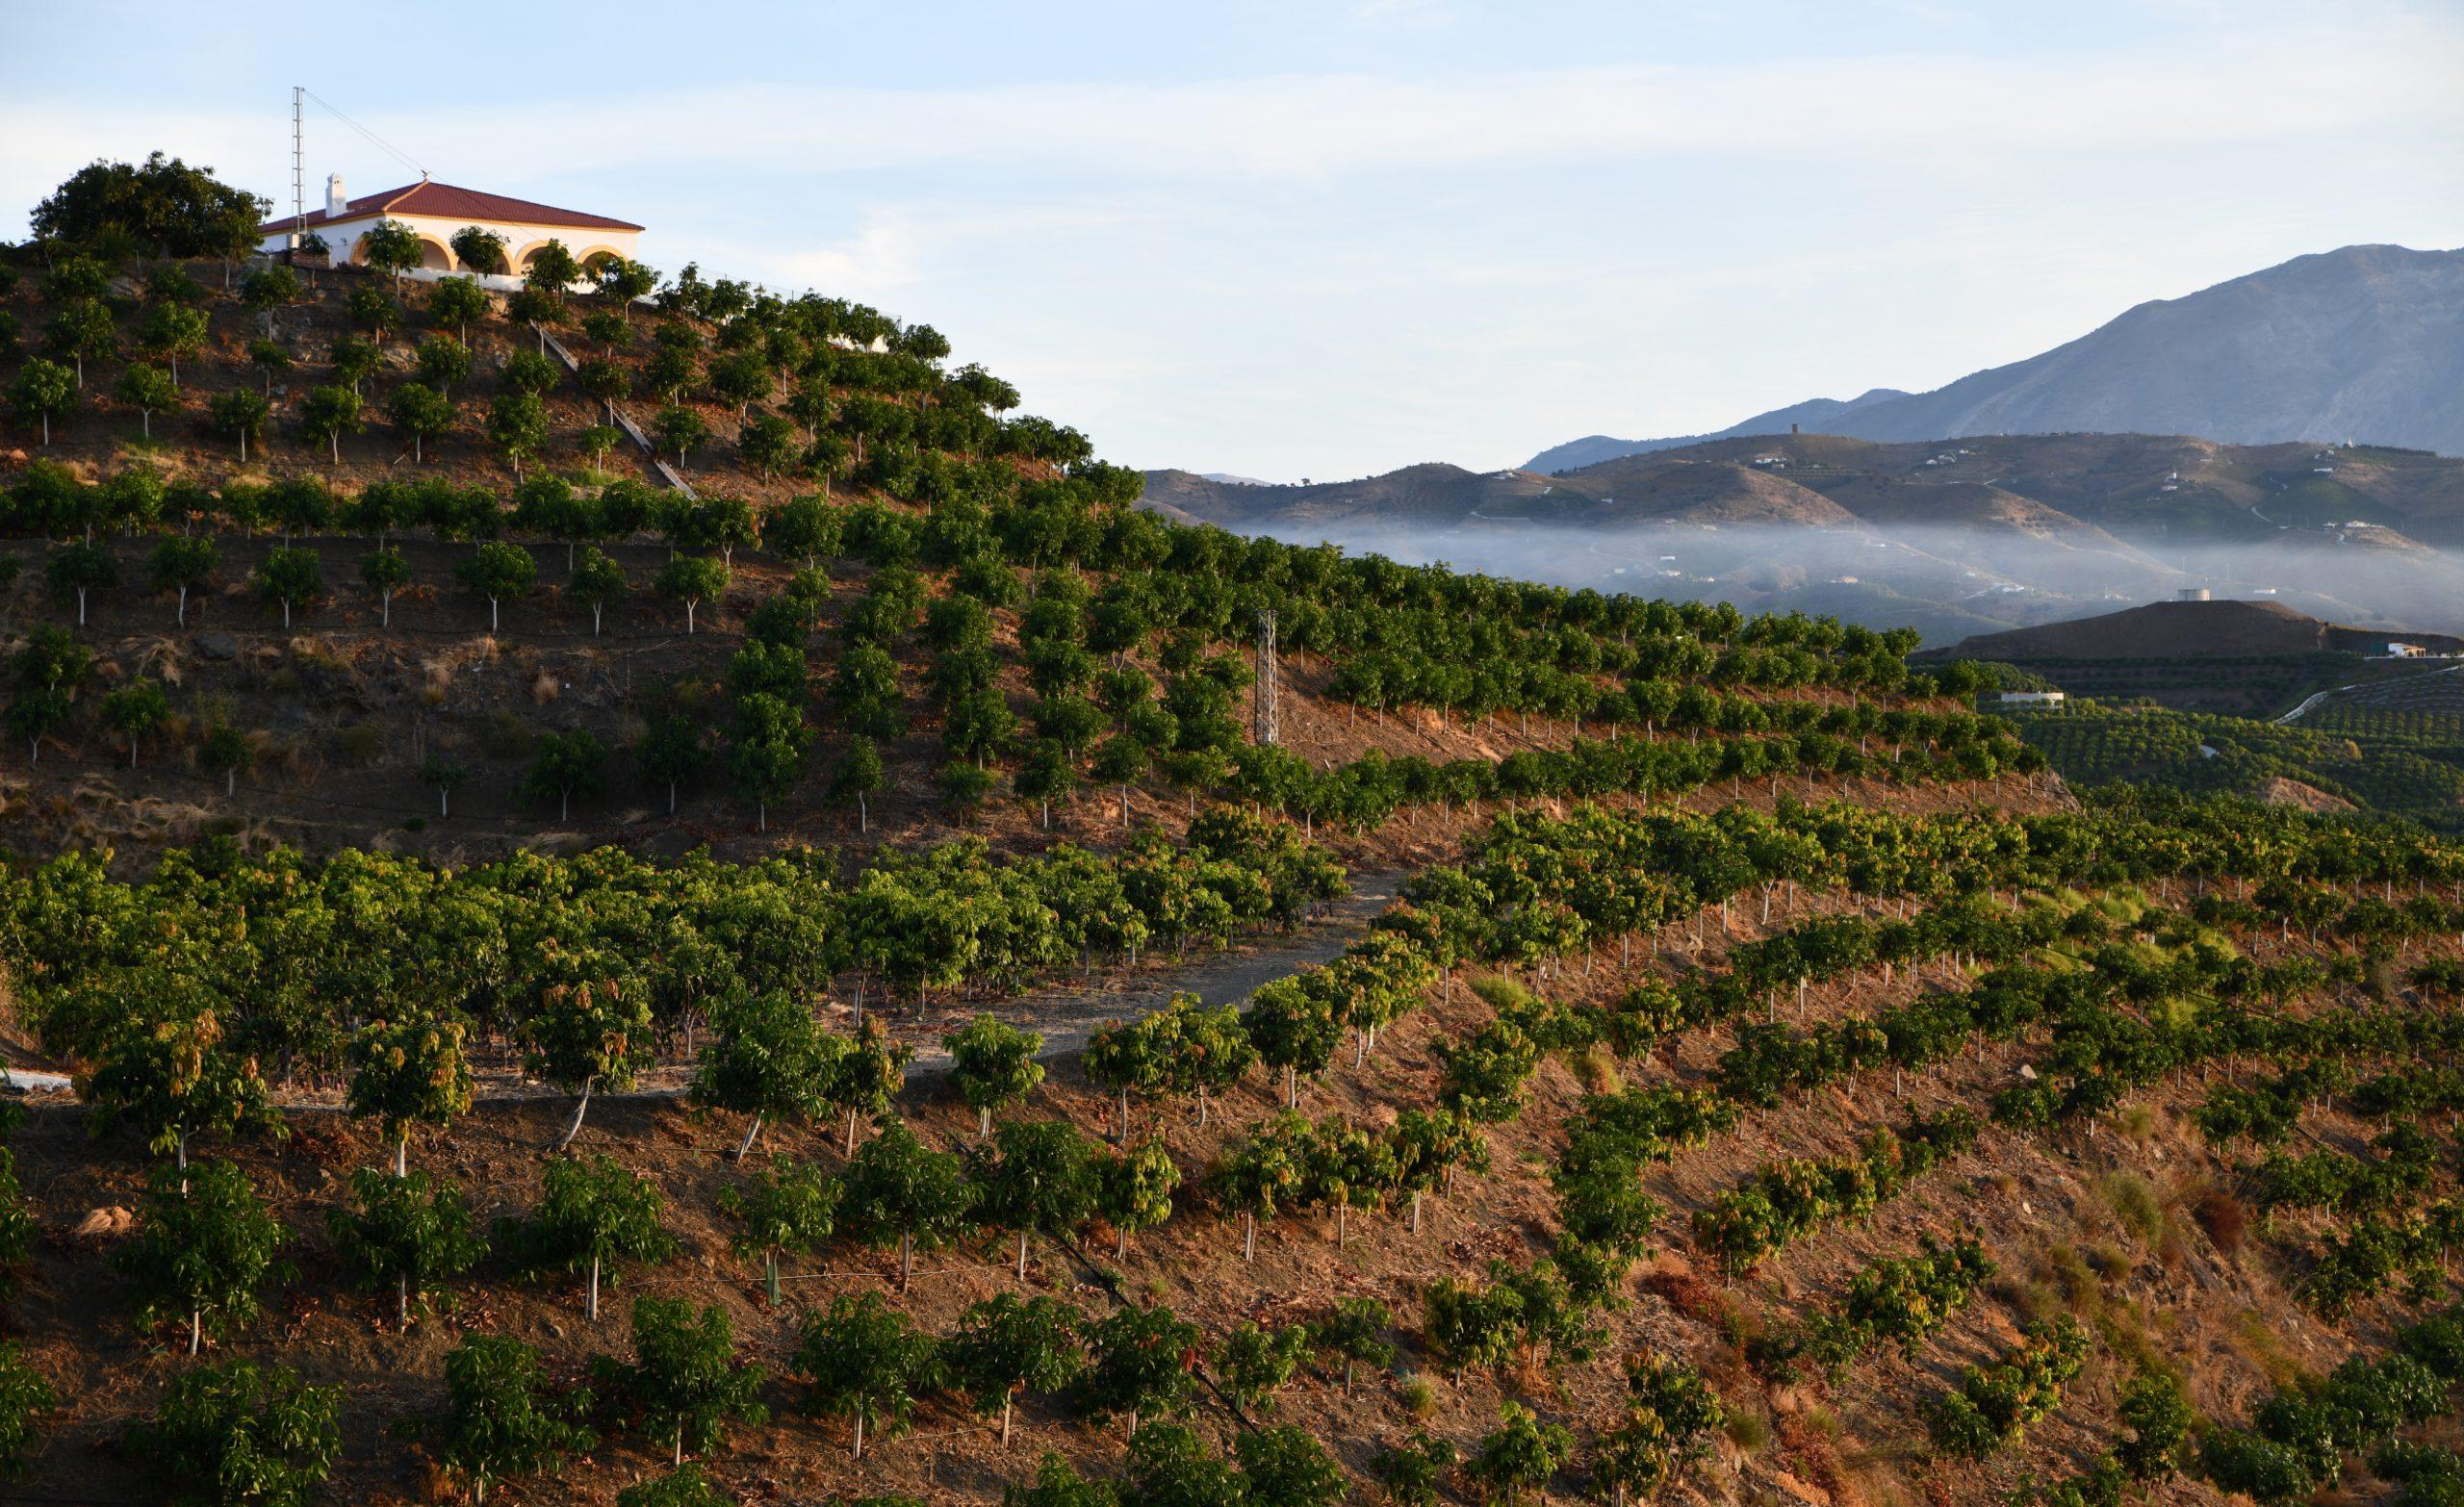 Mango tree fields in Spain